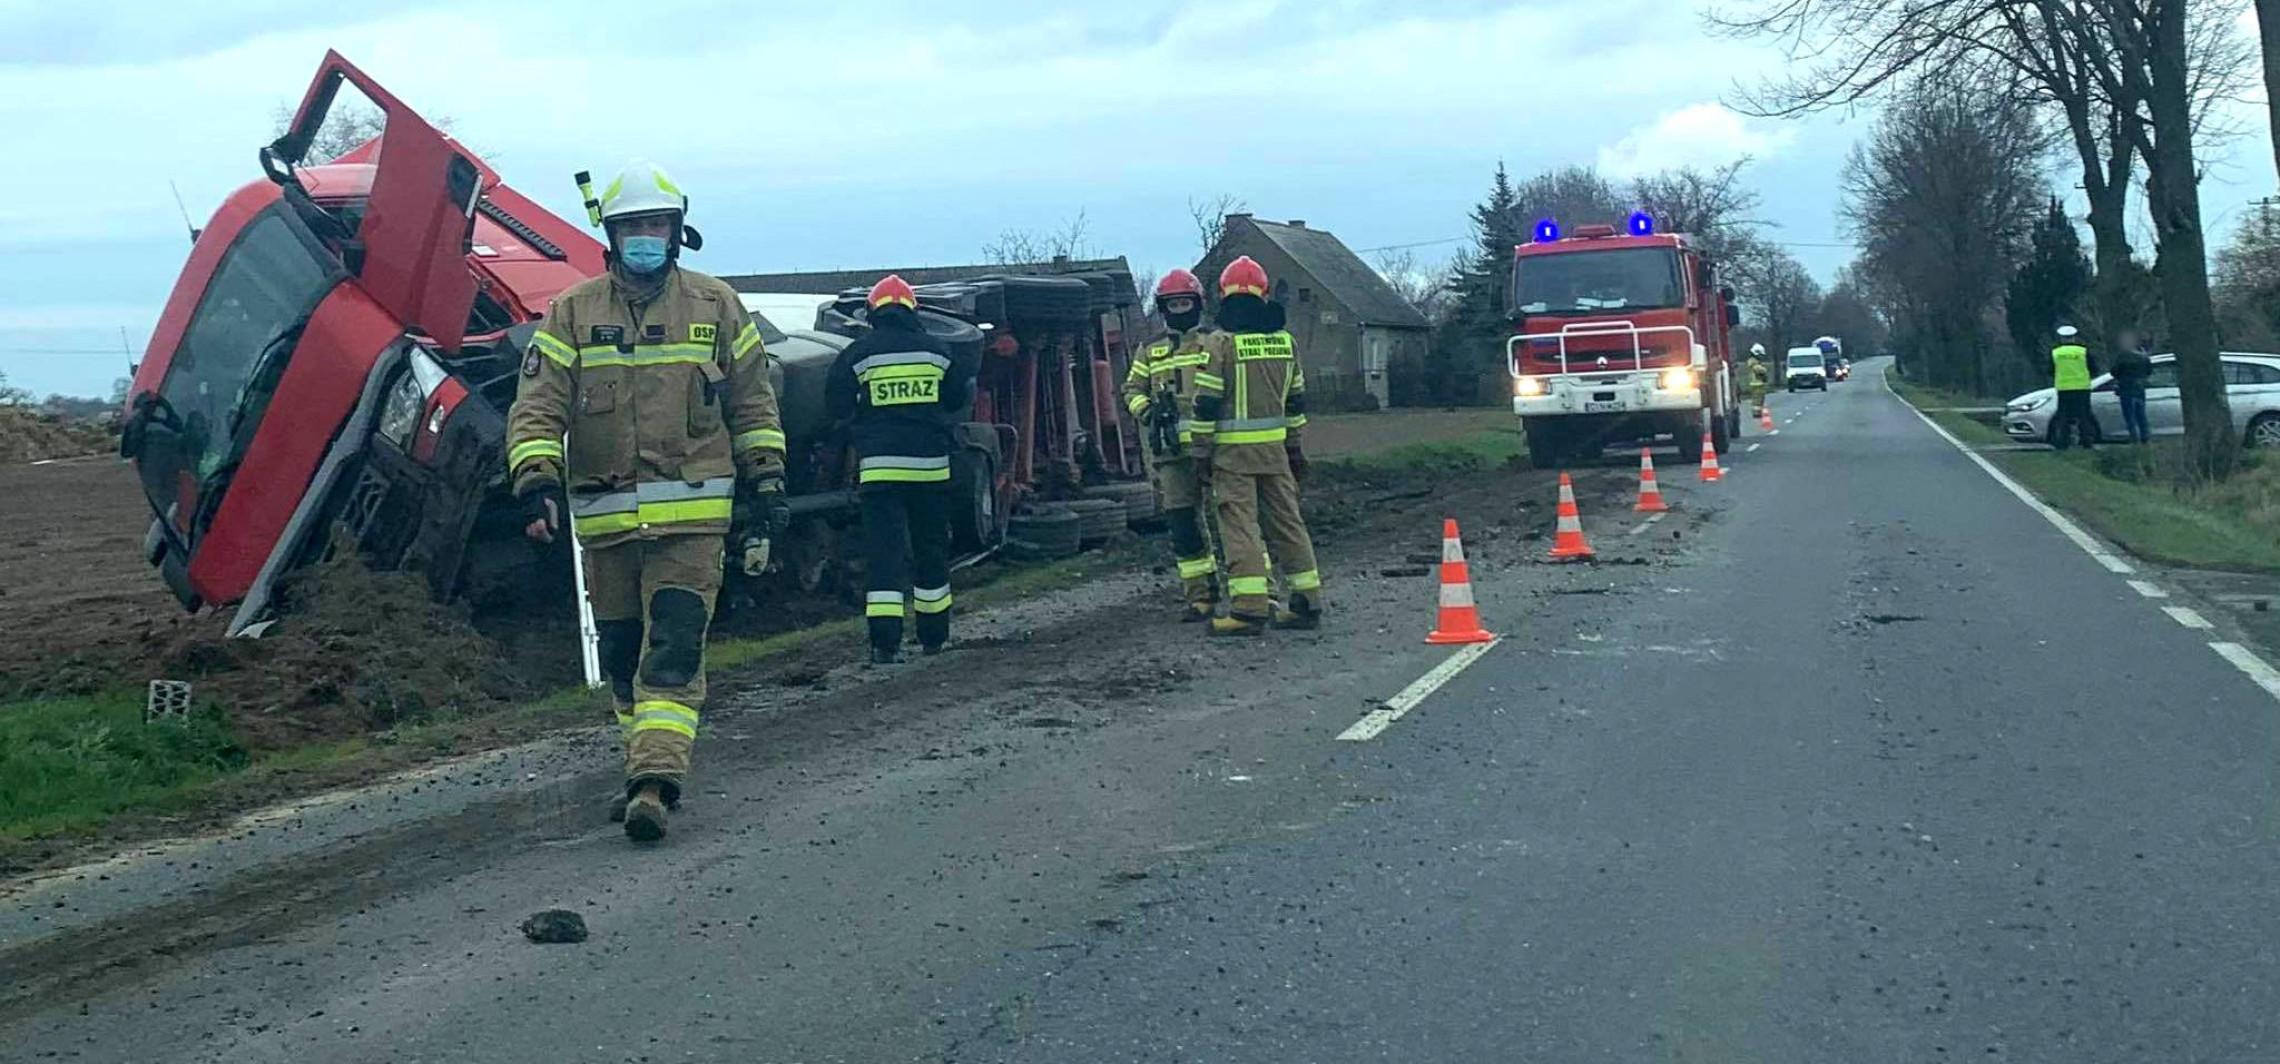 Janikowo - Ciężarówka wypadła z drogi, kierowca w szpitalu